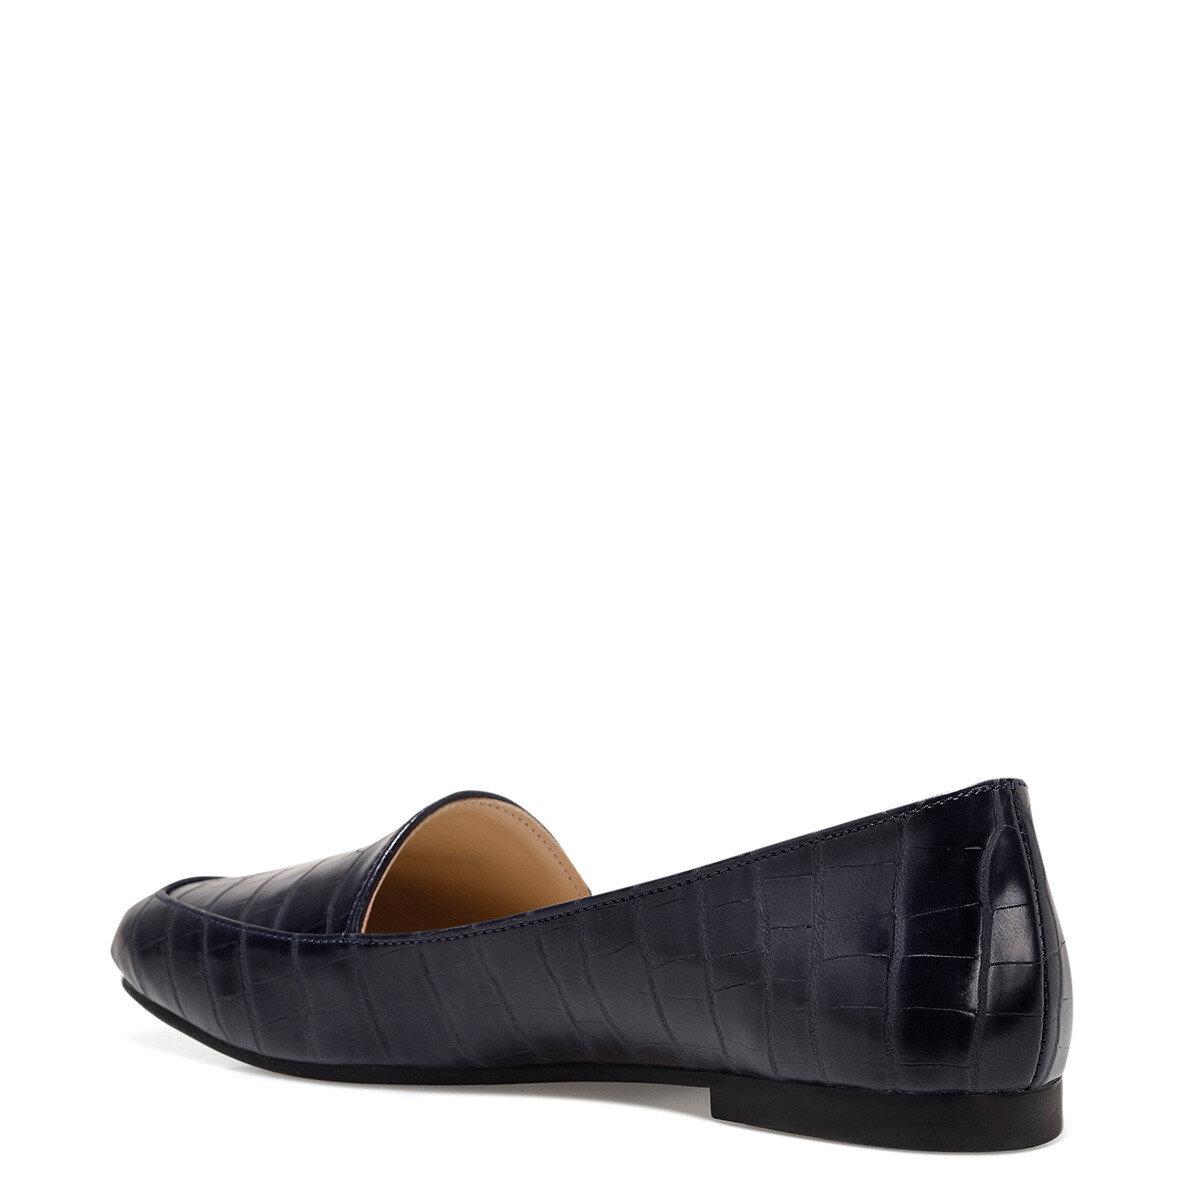 MELANIT3 Lacivert Kadın Loafer Ayakkabı